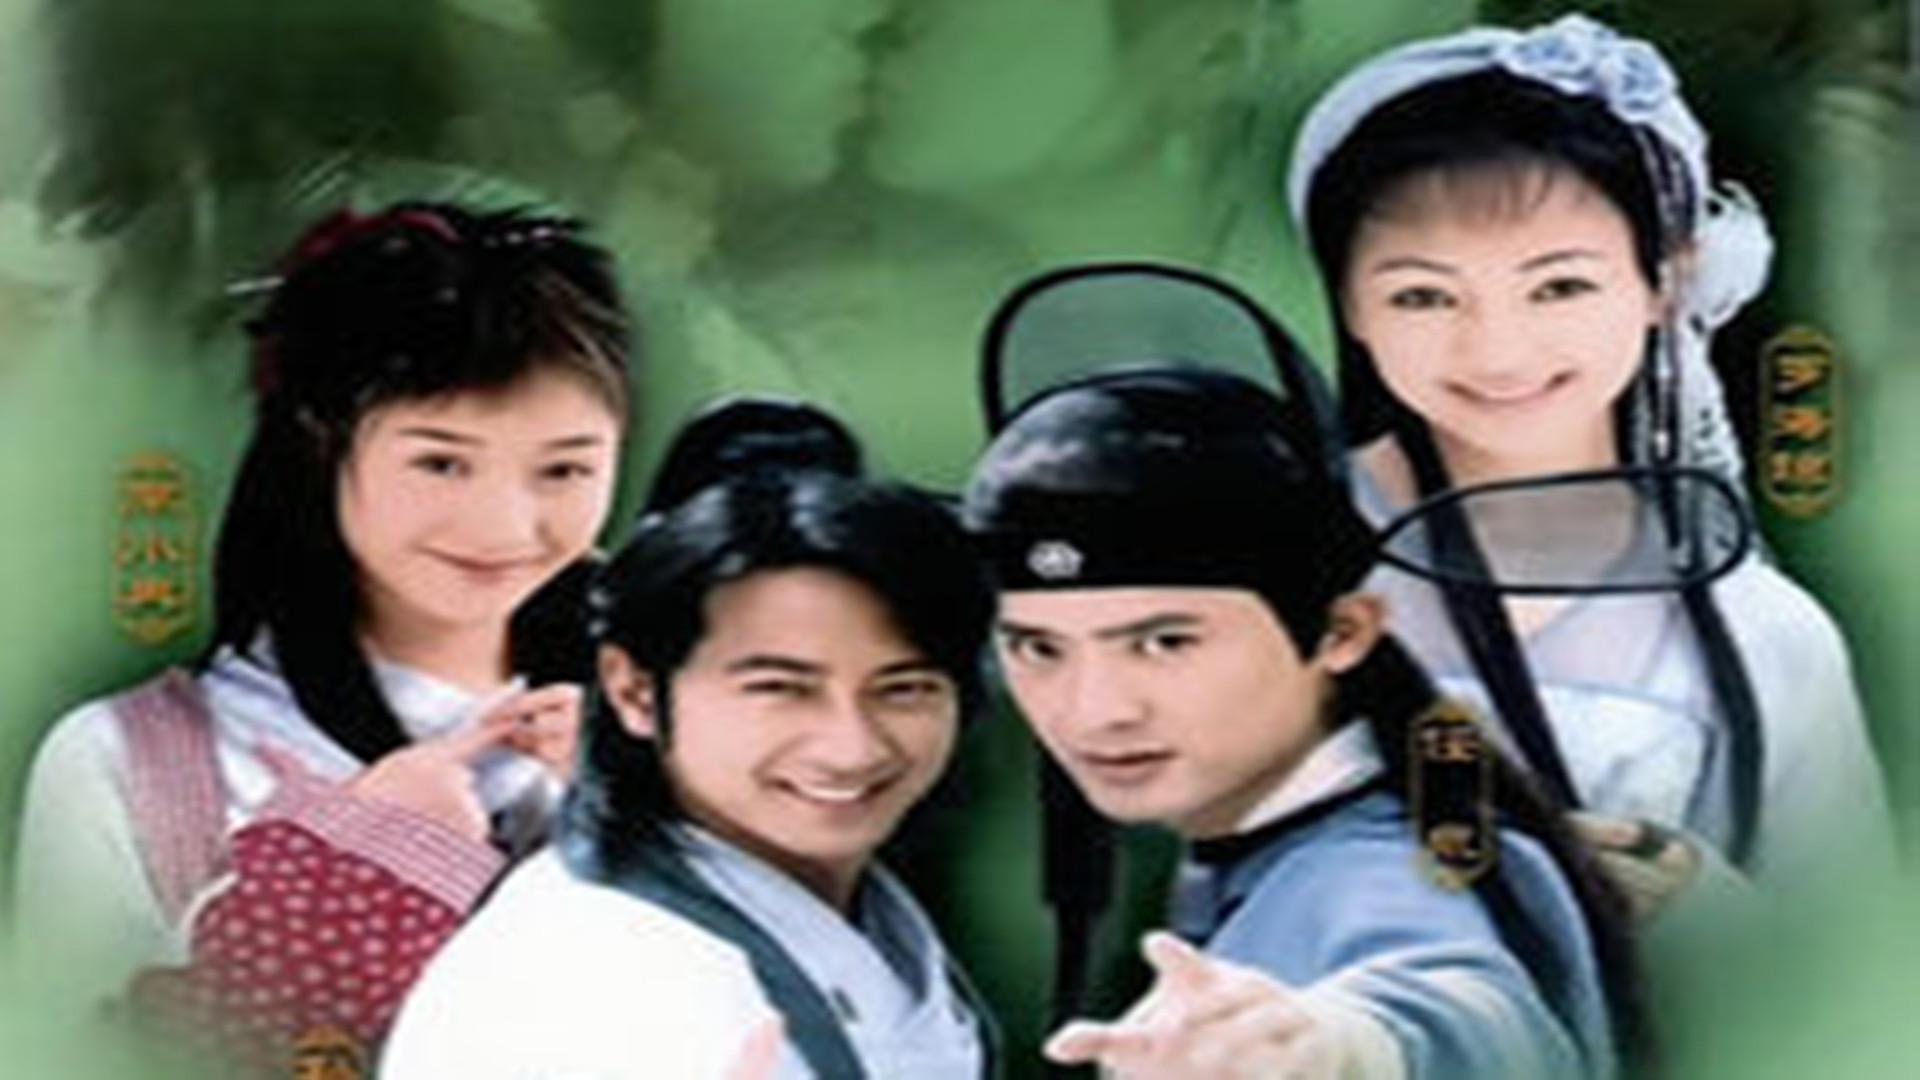 盘点李小冉的六部古装剧,前两部很经典,堪称童年回忆